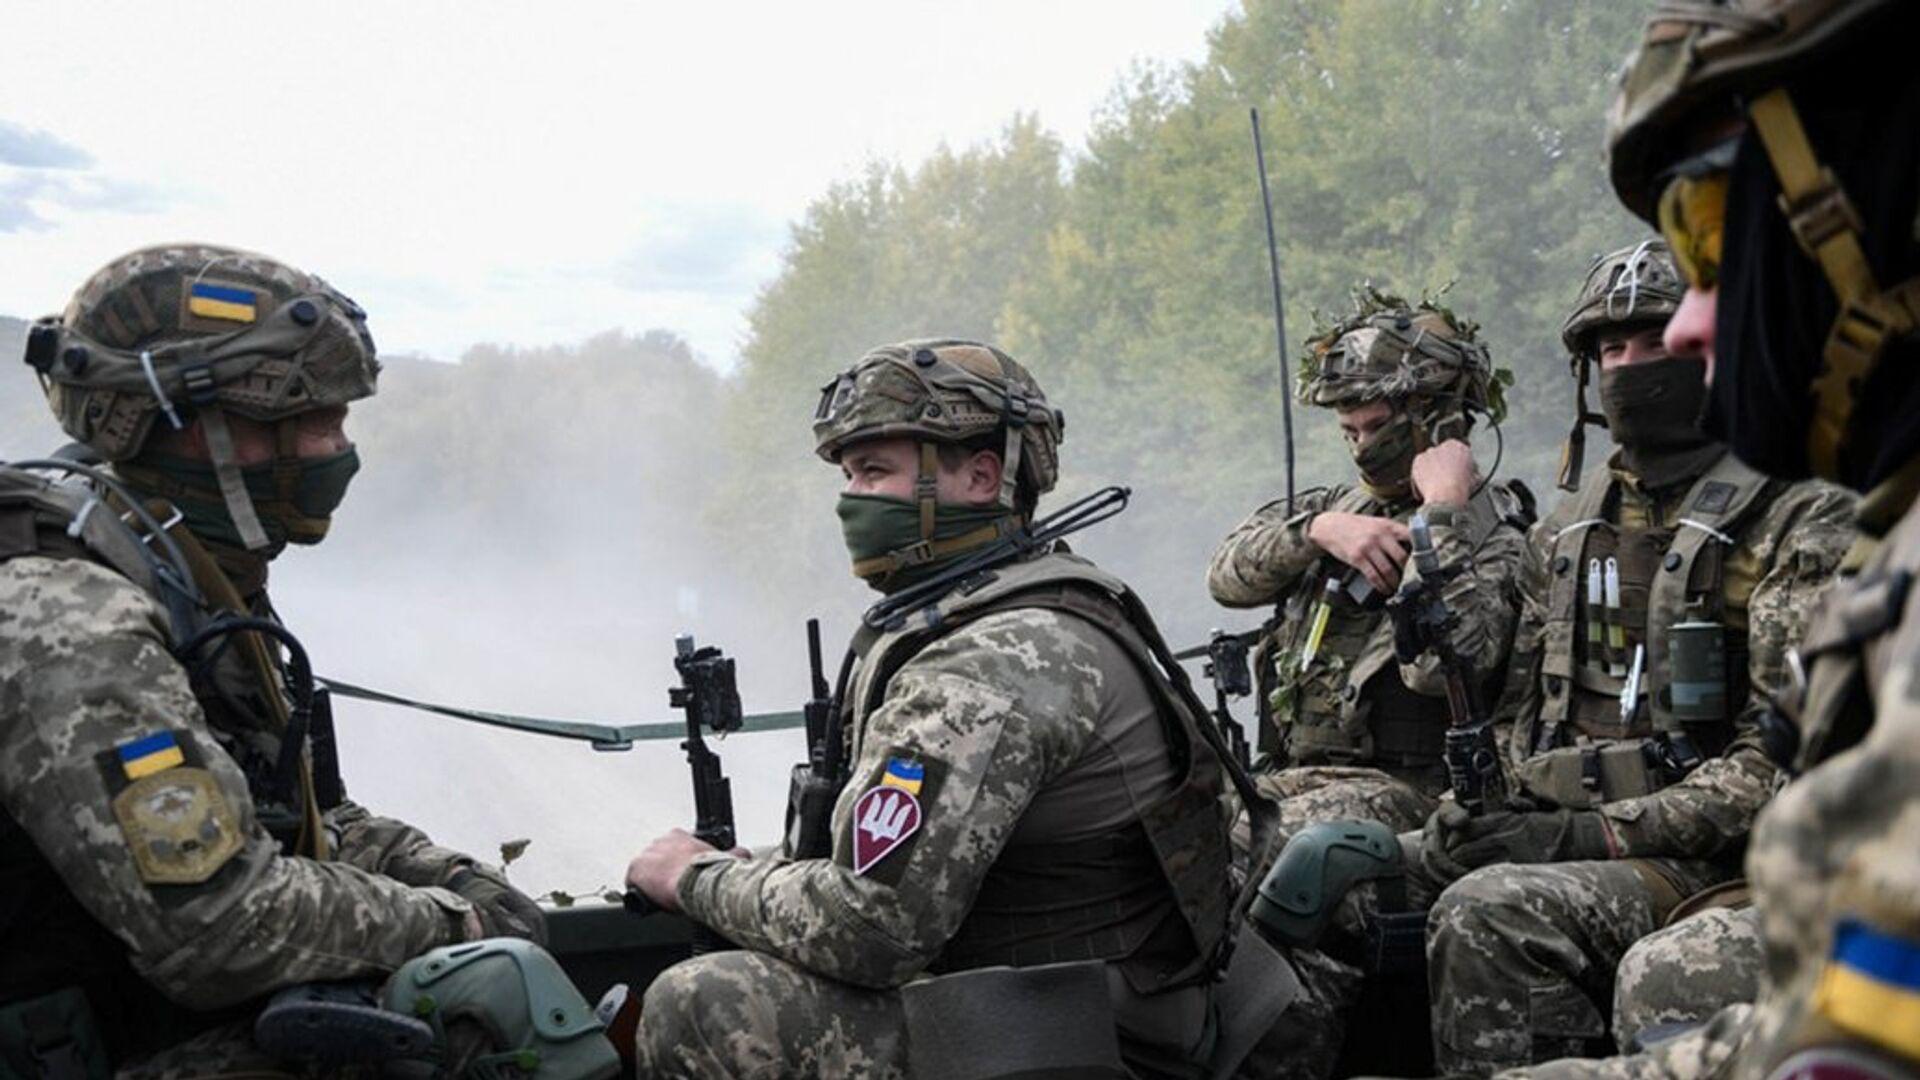 При взрыве в Донбассе пострадали пятеро силовиков, заявили в ЛНР